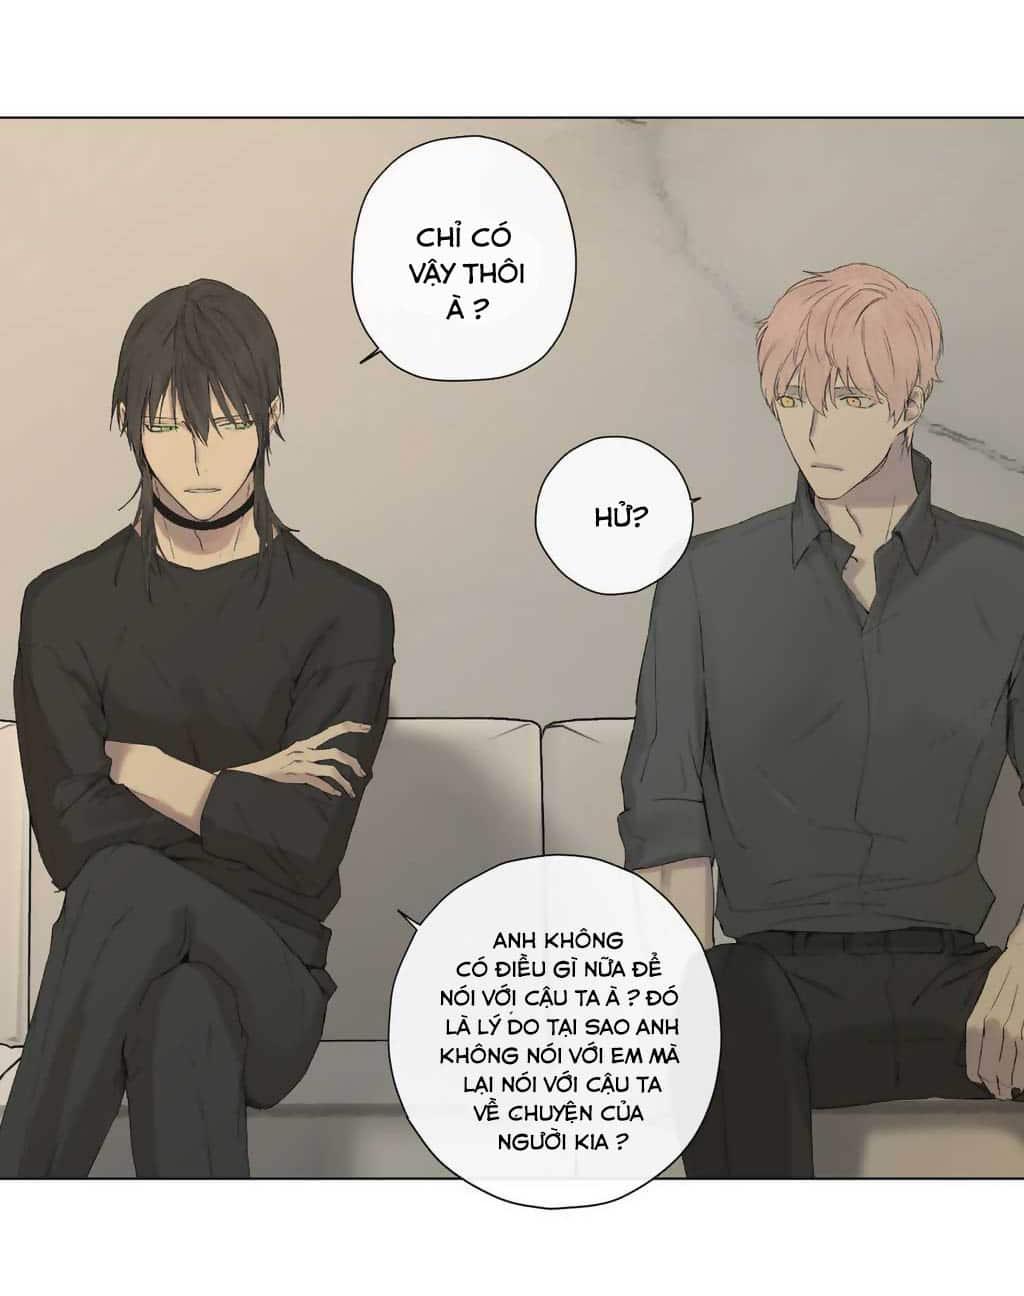 Trang 7 - Người hầu hoàng gia - Royal Servant - Chương 007 () - Truyện tranh Gay - Server HostedOnGoogleServerStaging